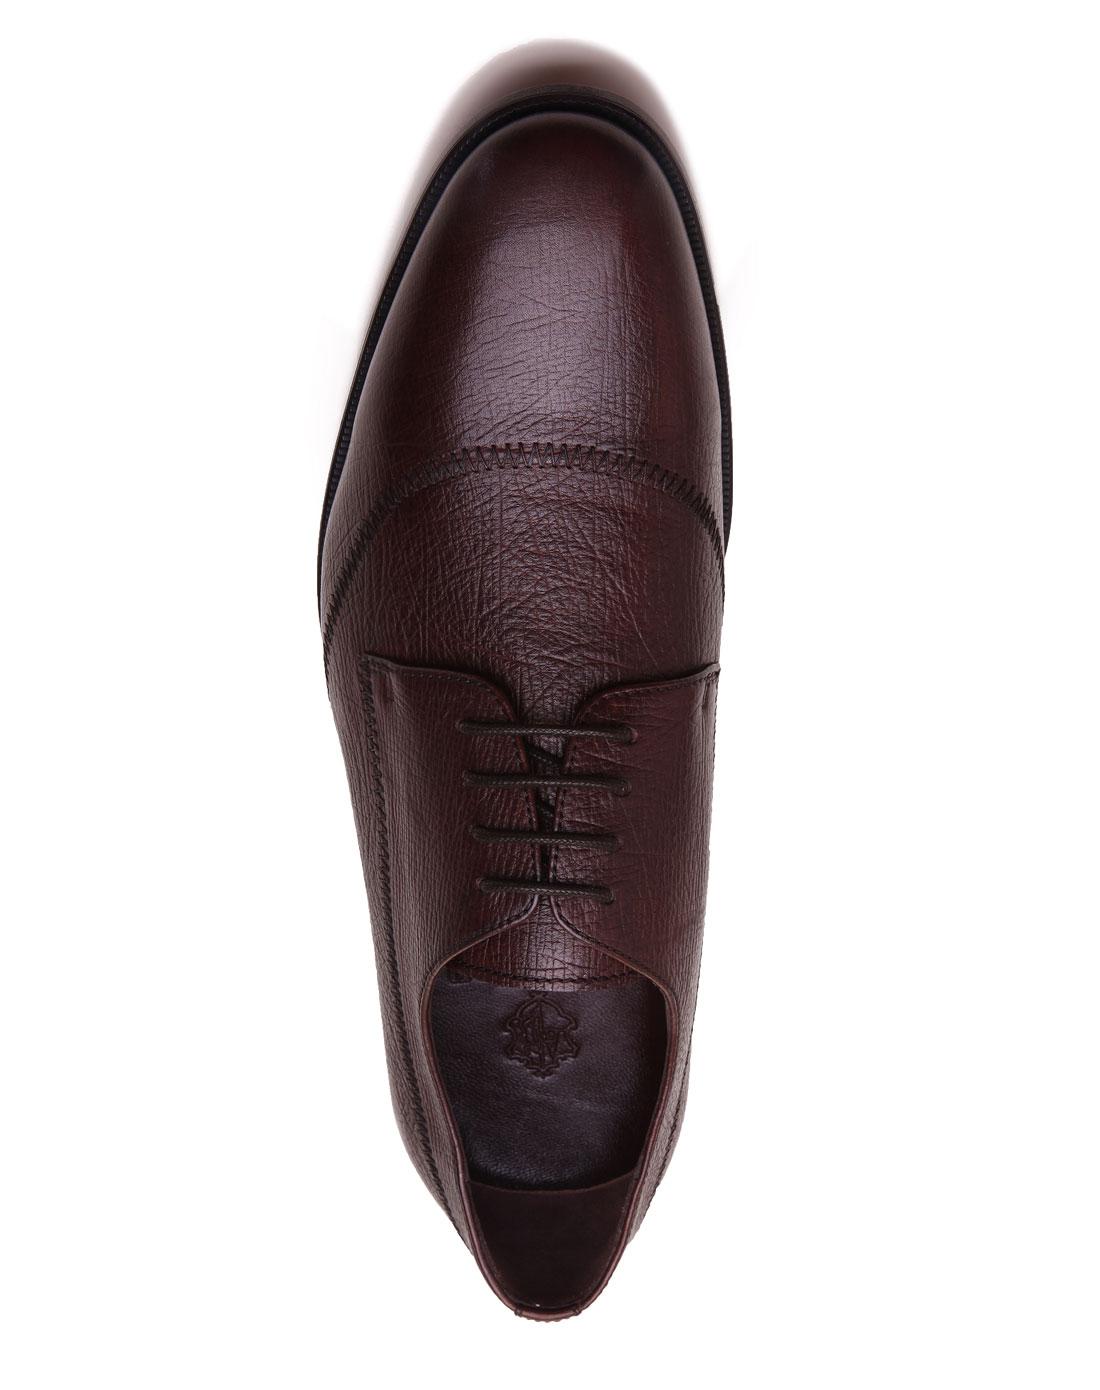 阿科登agcatton咖啡色经典正装款皮鞋11188006303